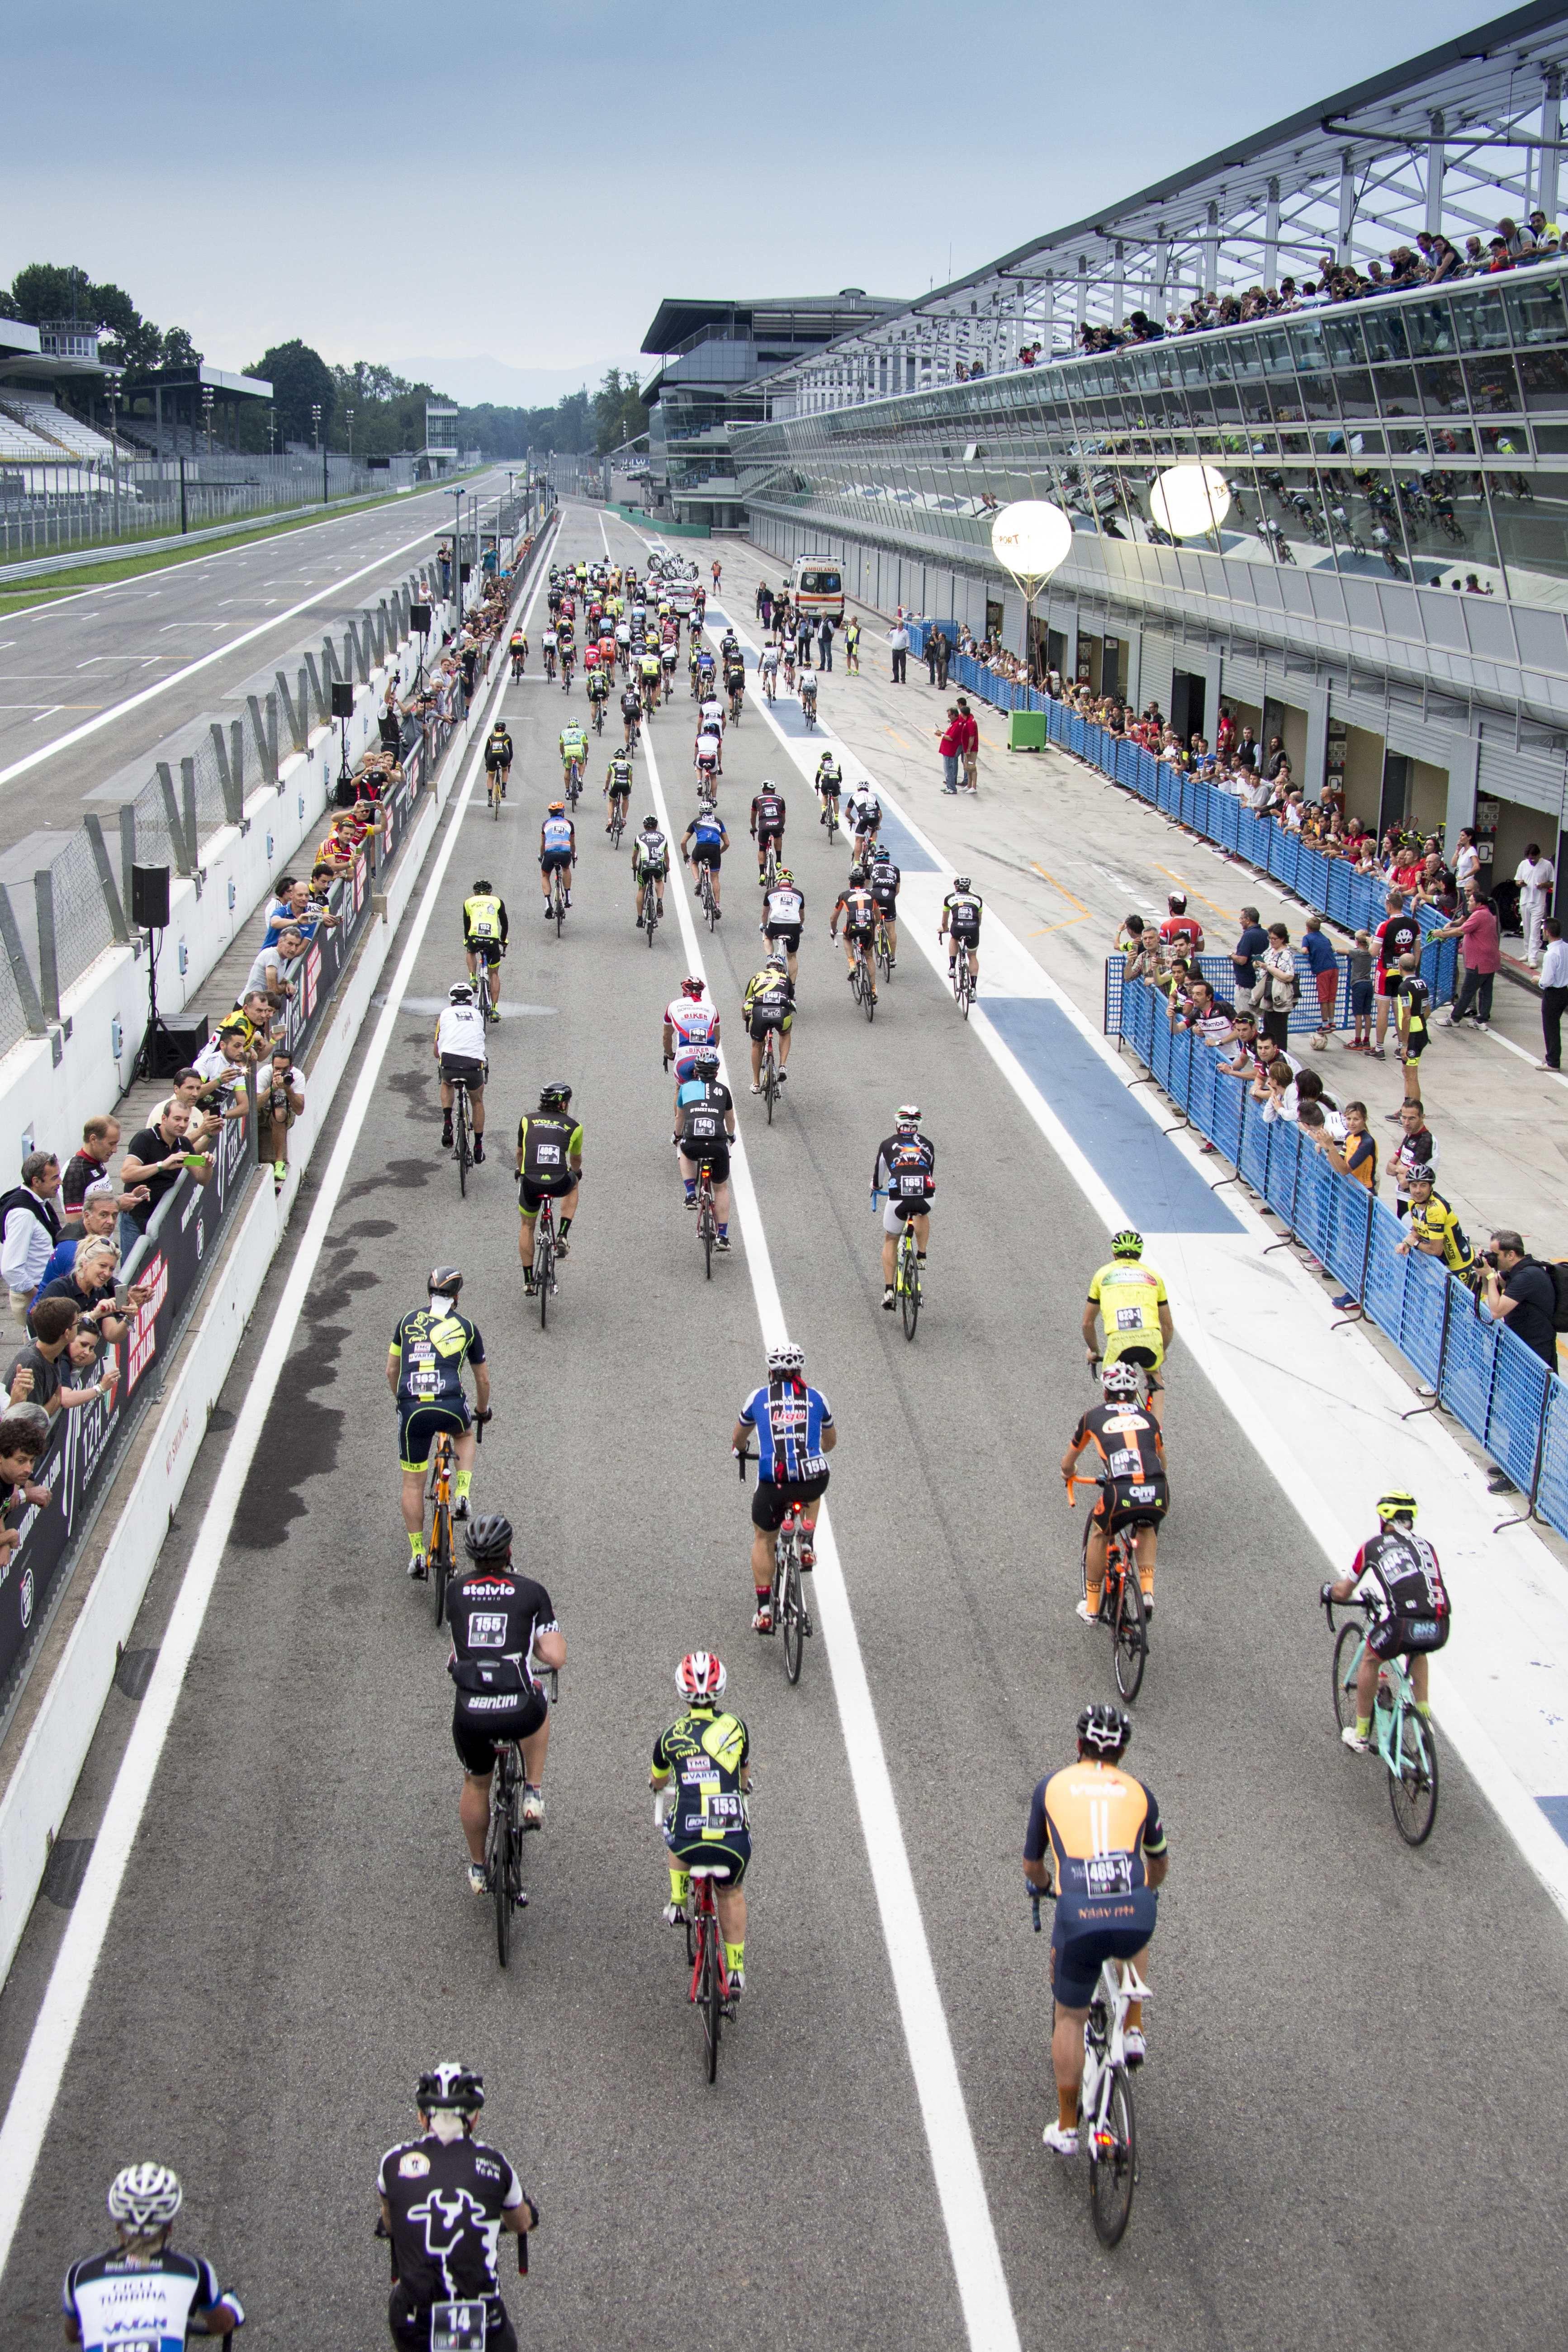 Marathon Monza